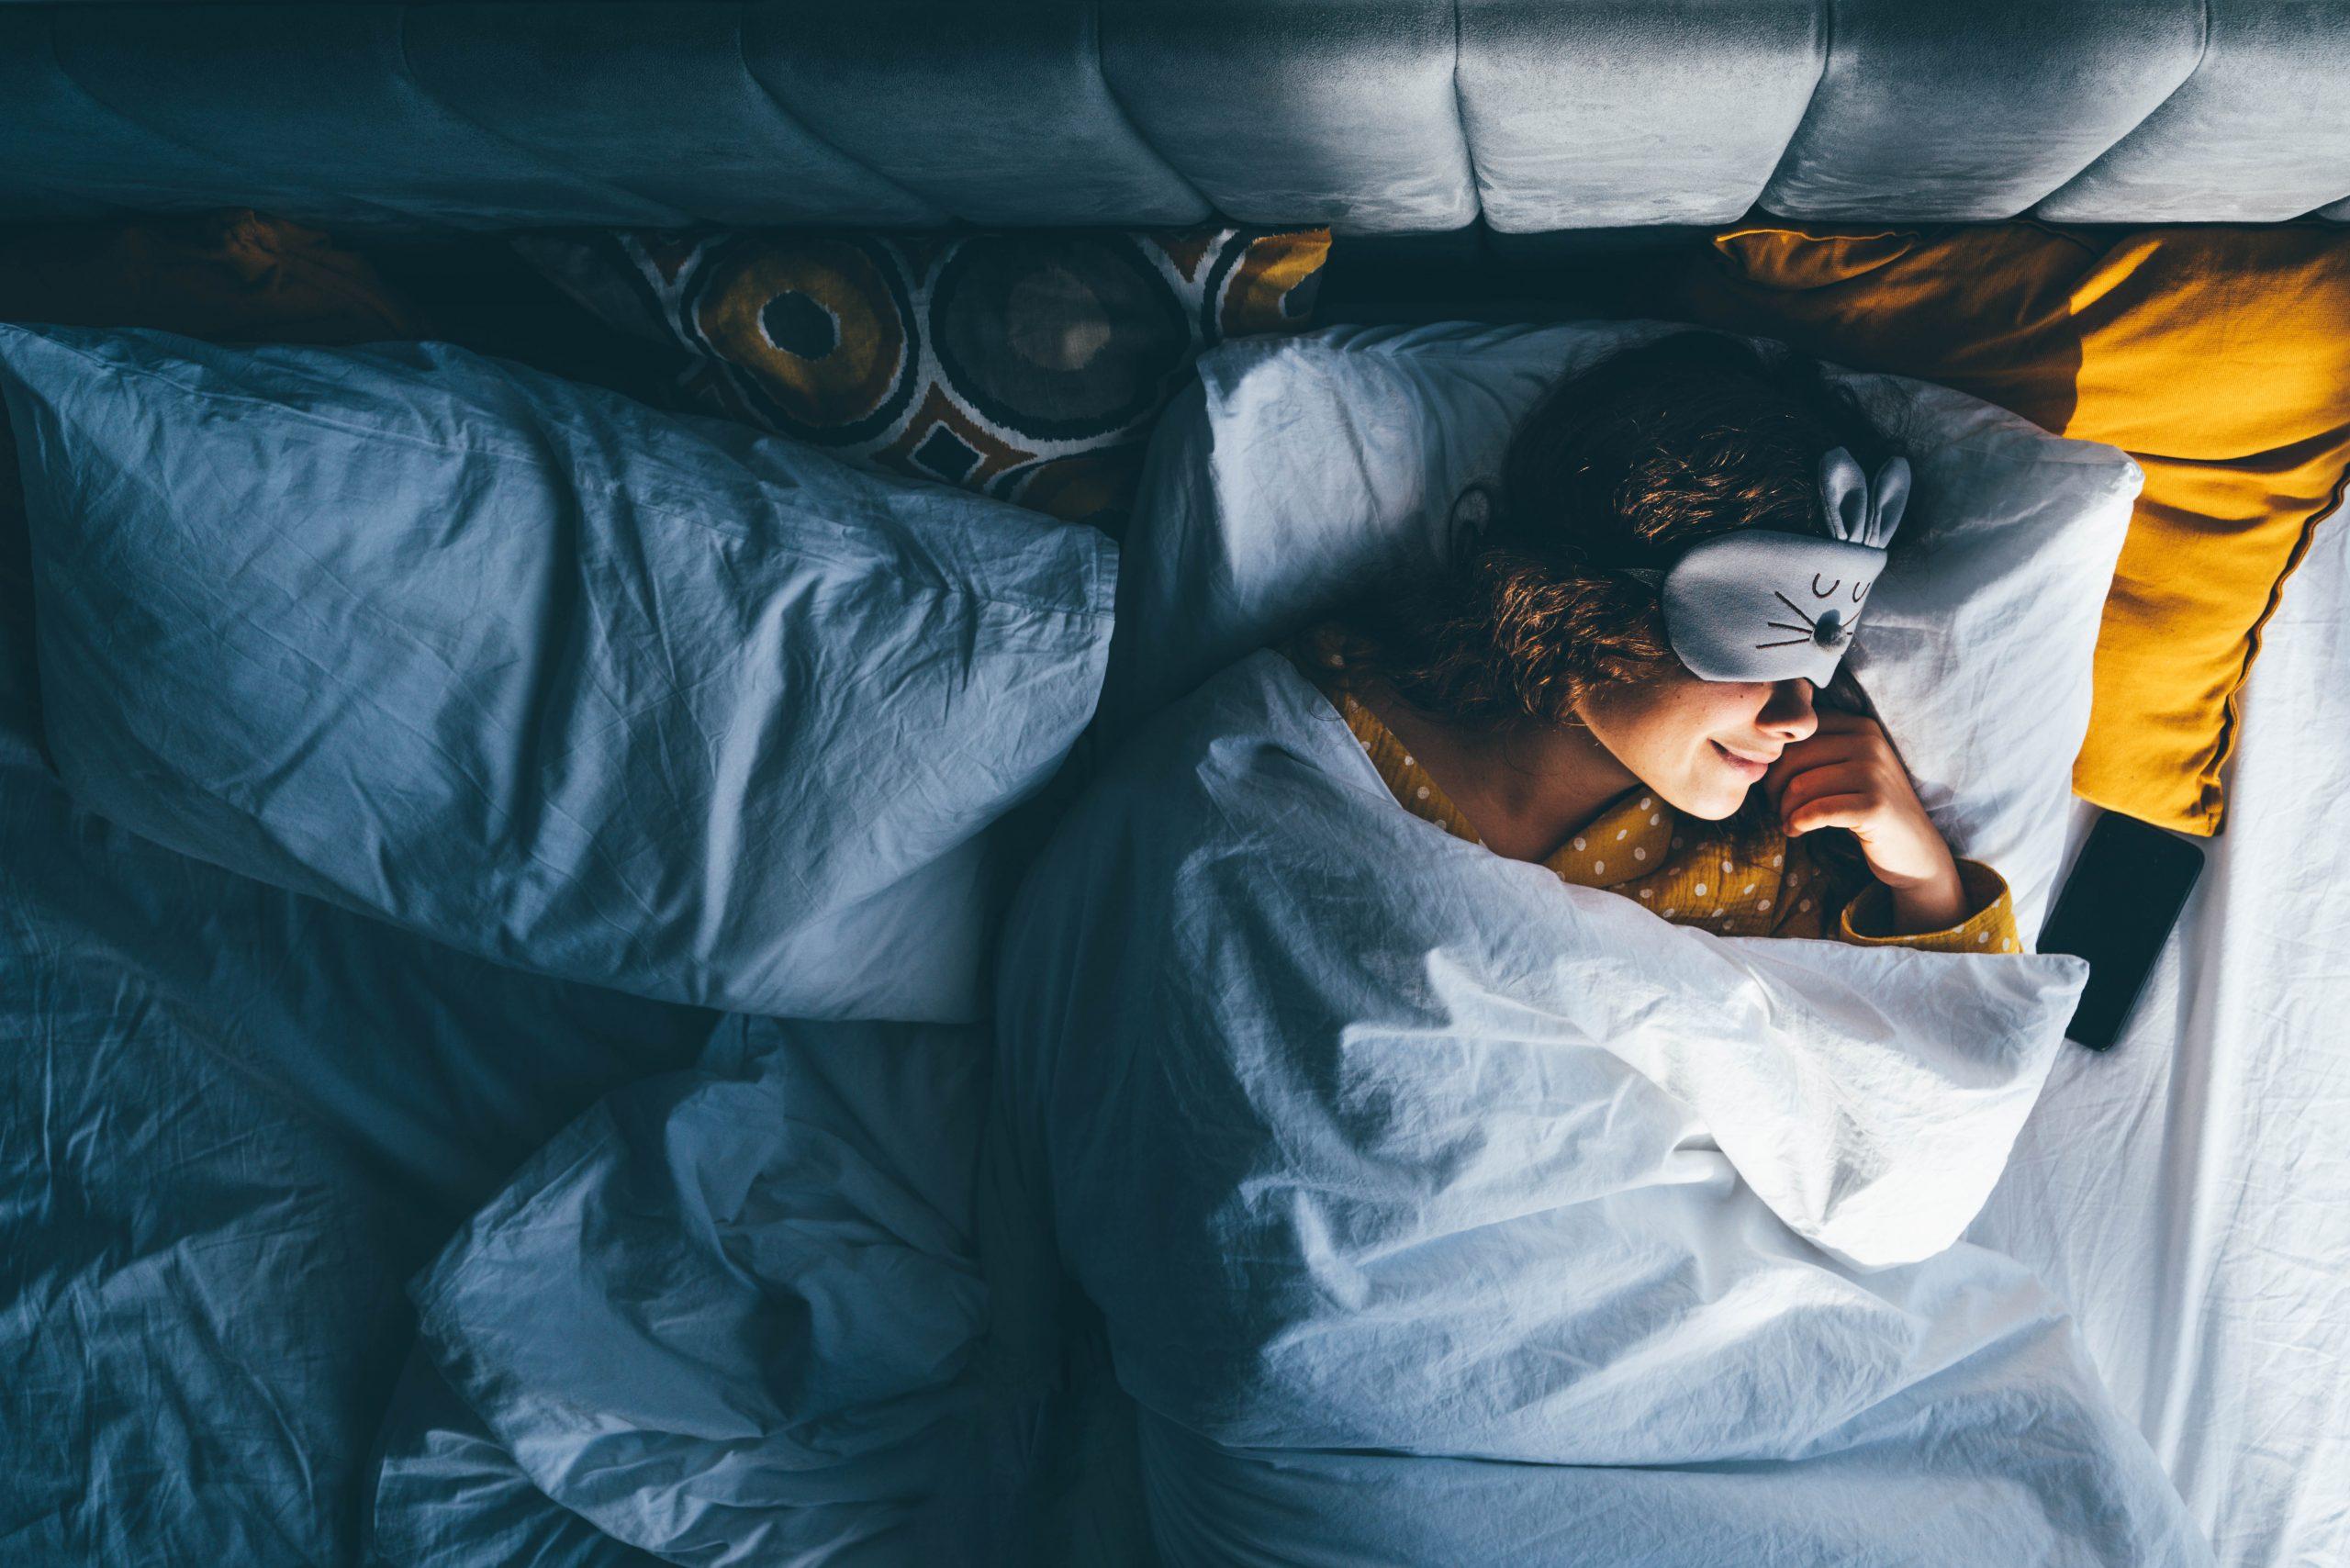 ¿Cansado de no descansar? Te dejamos algunos tips para mejorar tu sueño